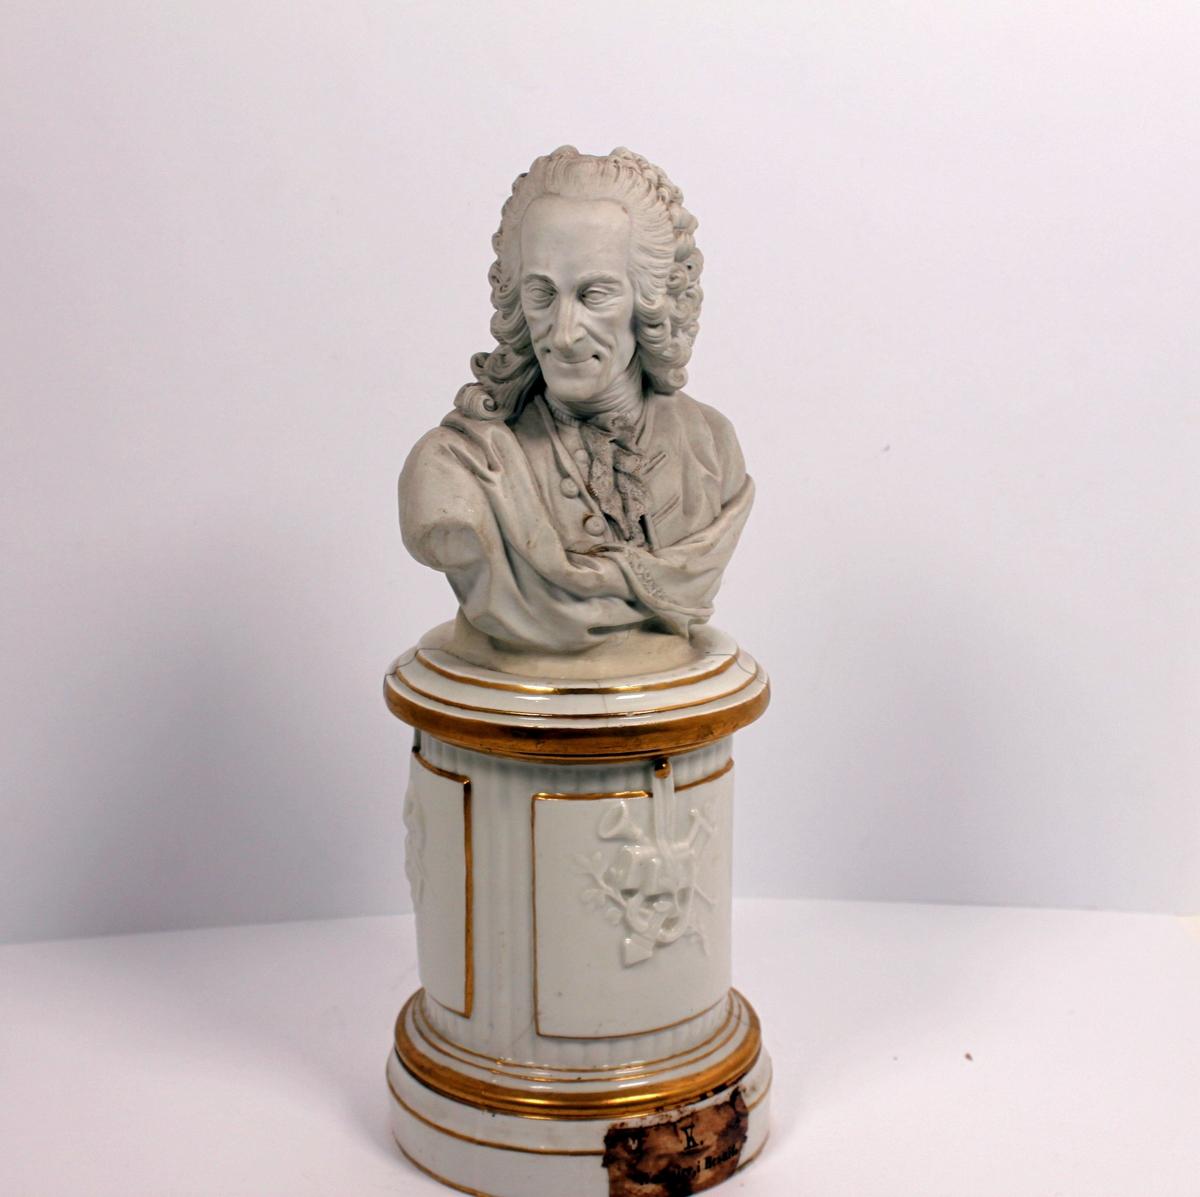 Byste av Voltaire i besuit